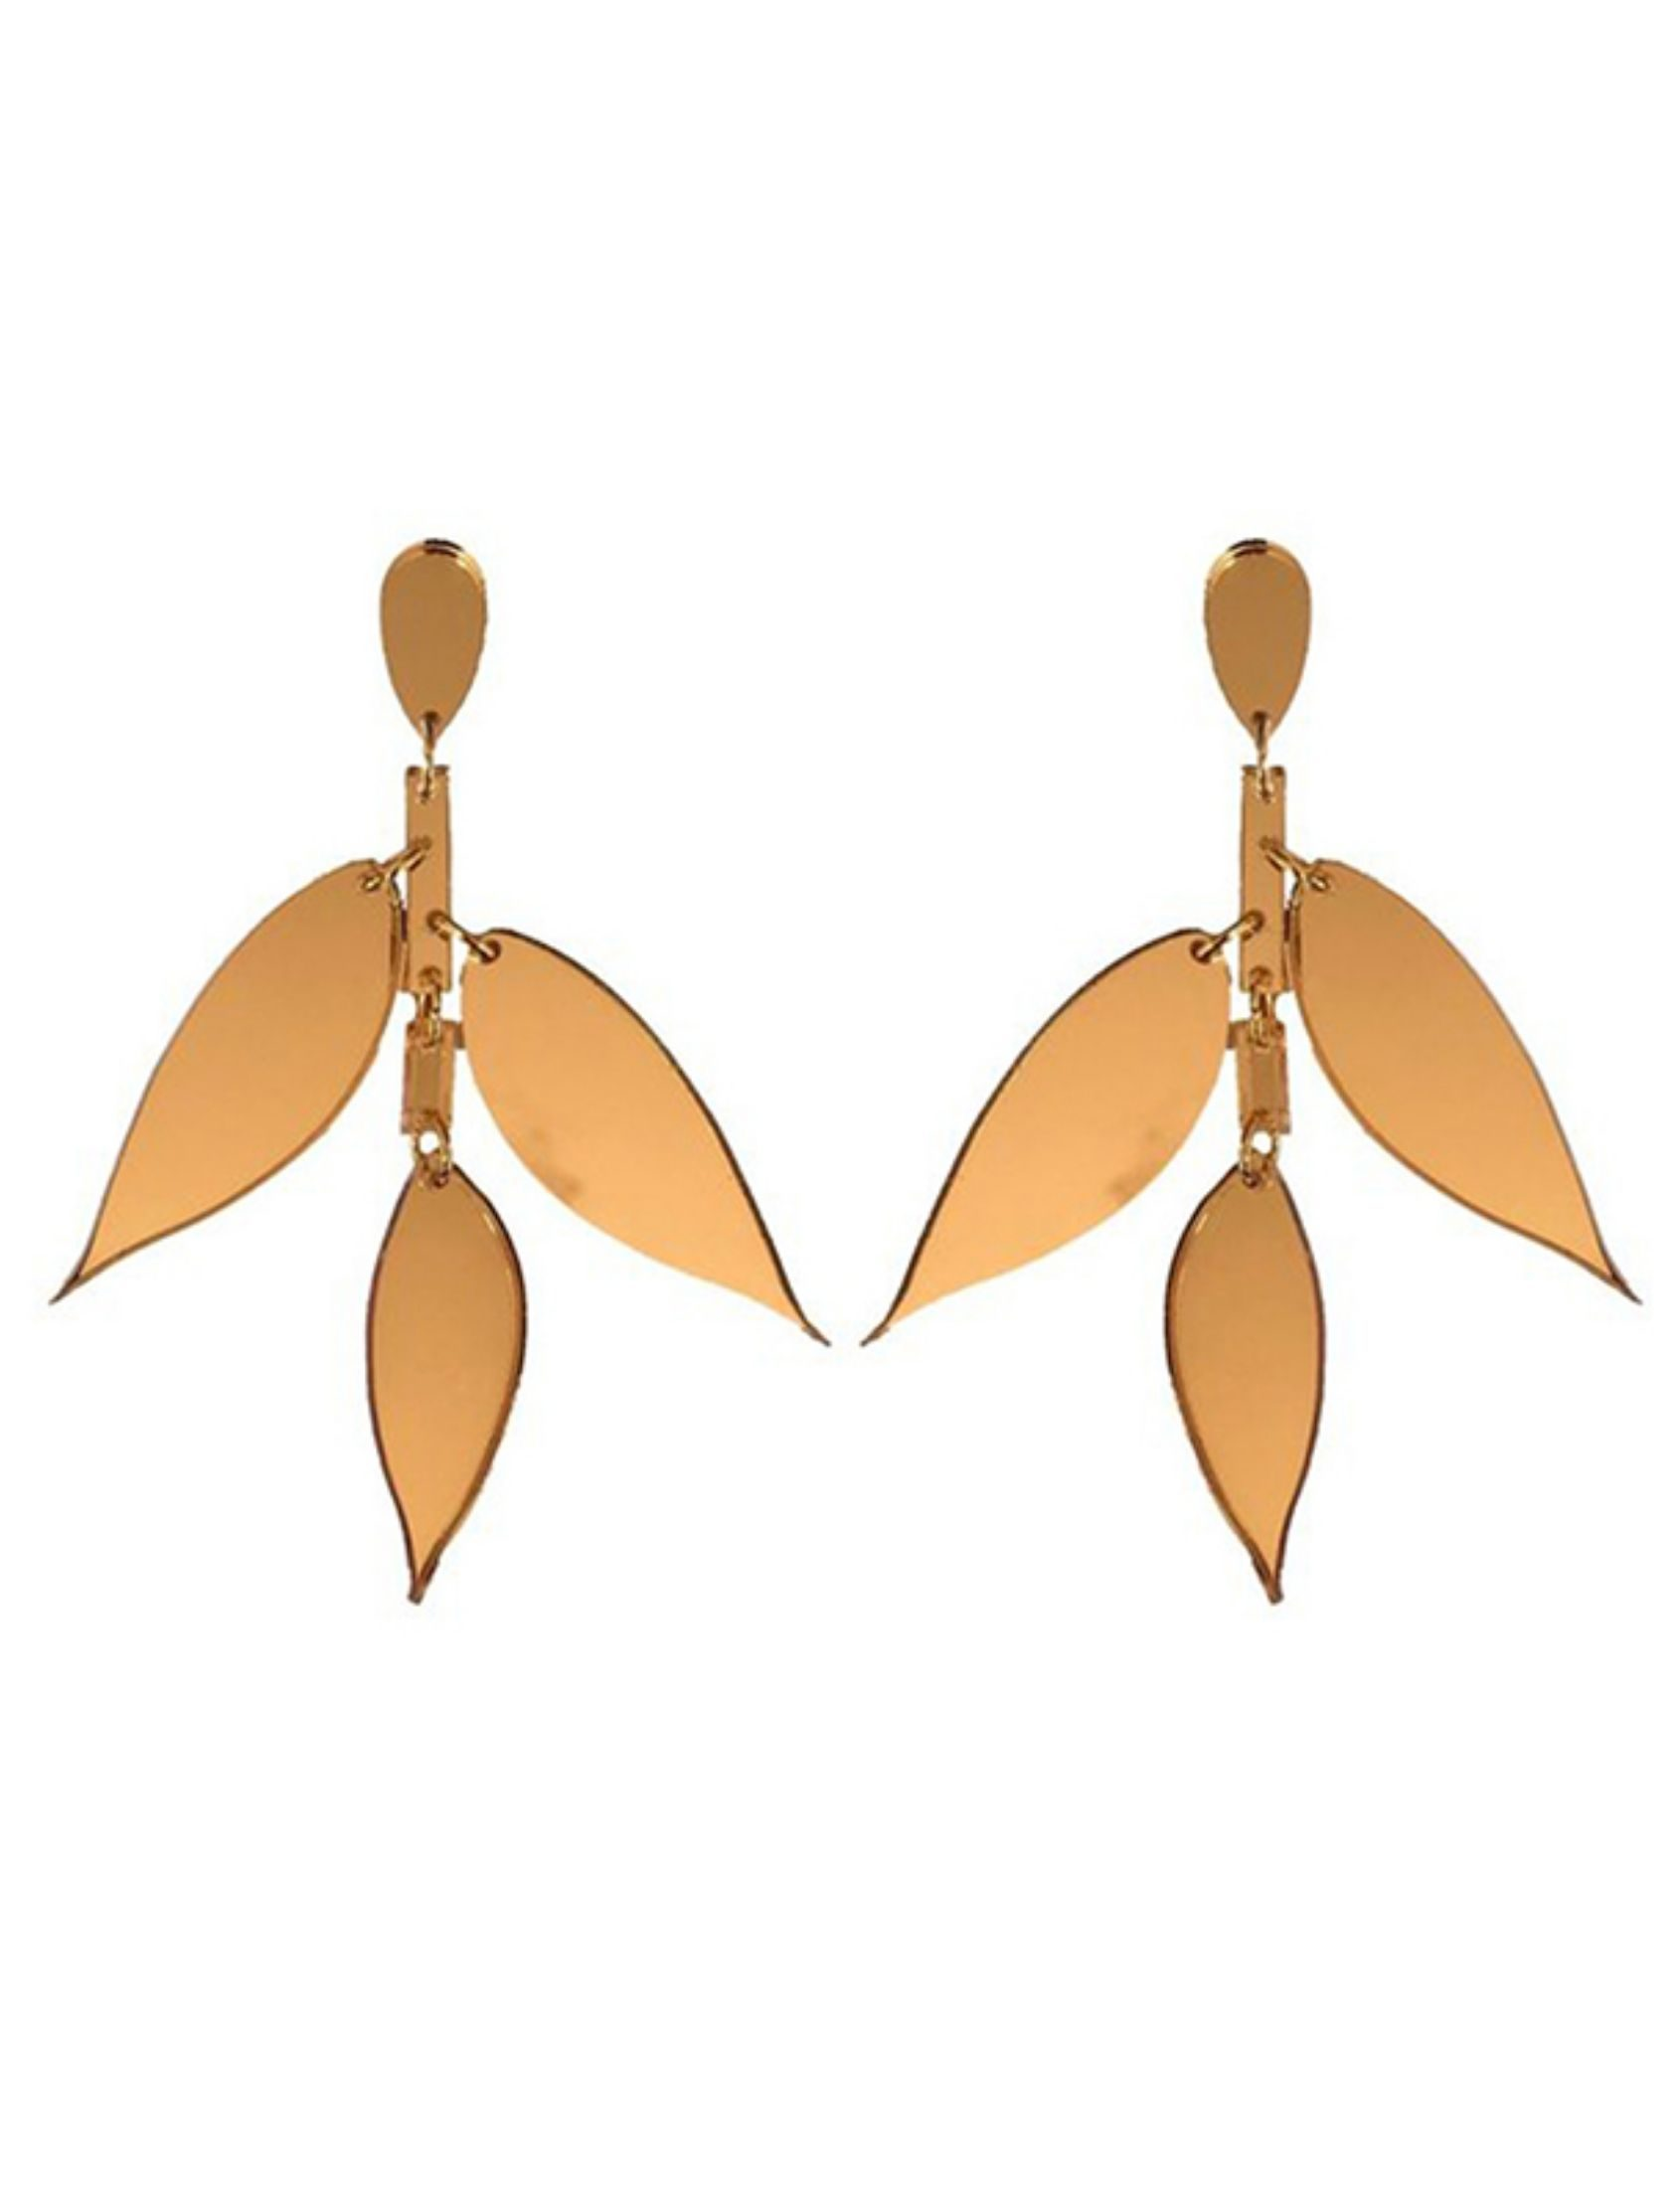 pendientes leaves con forma de ojas en dorado y de metacrilato